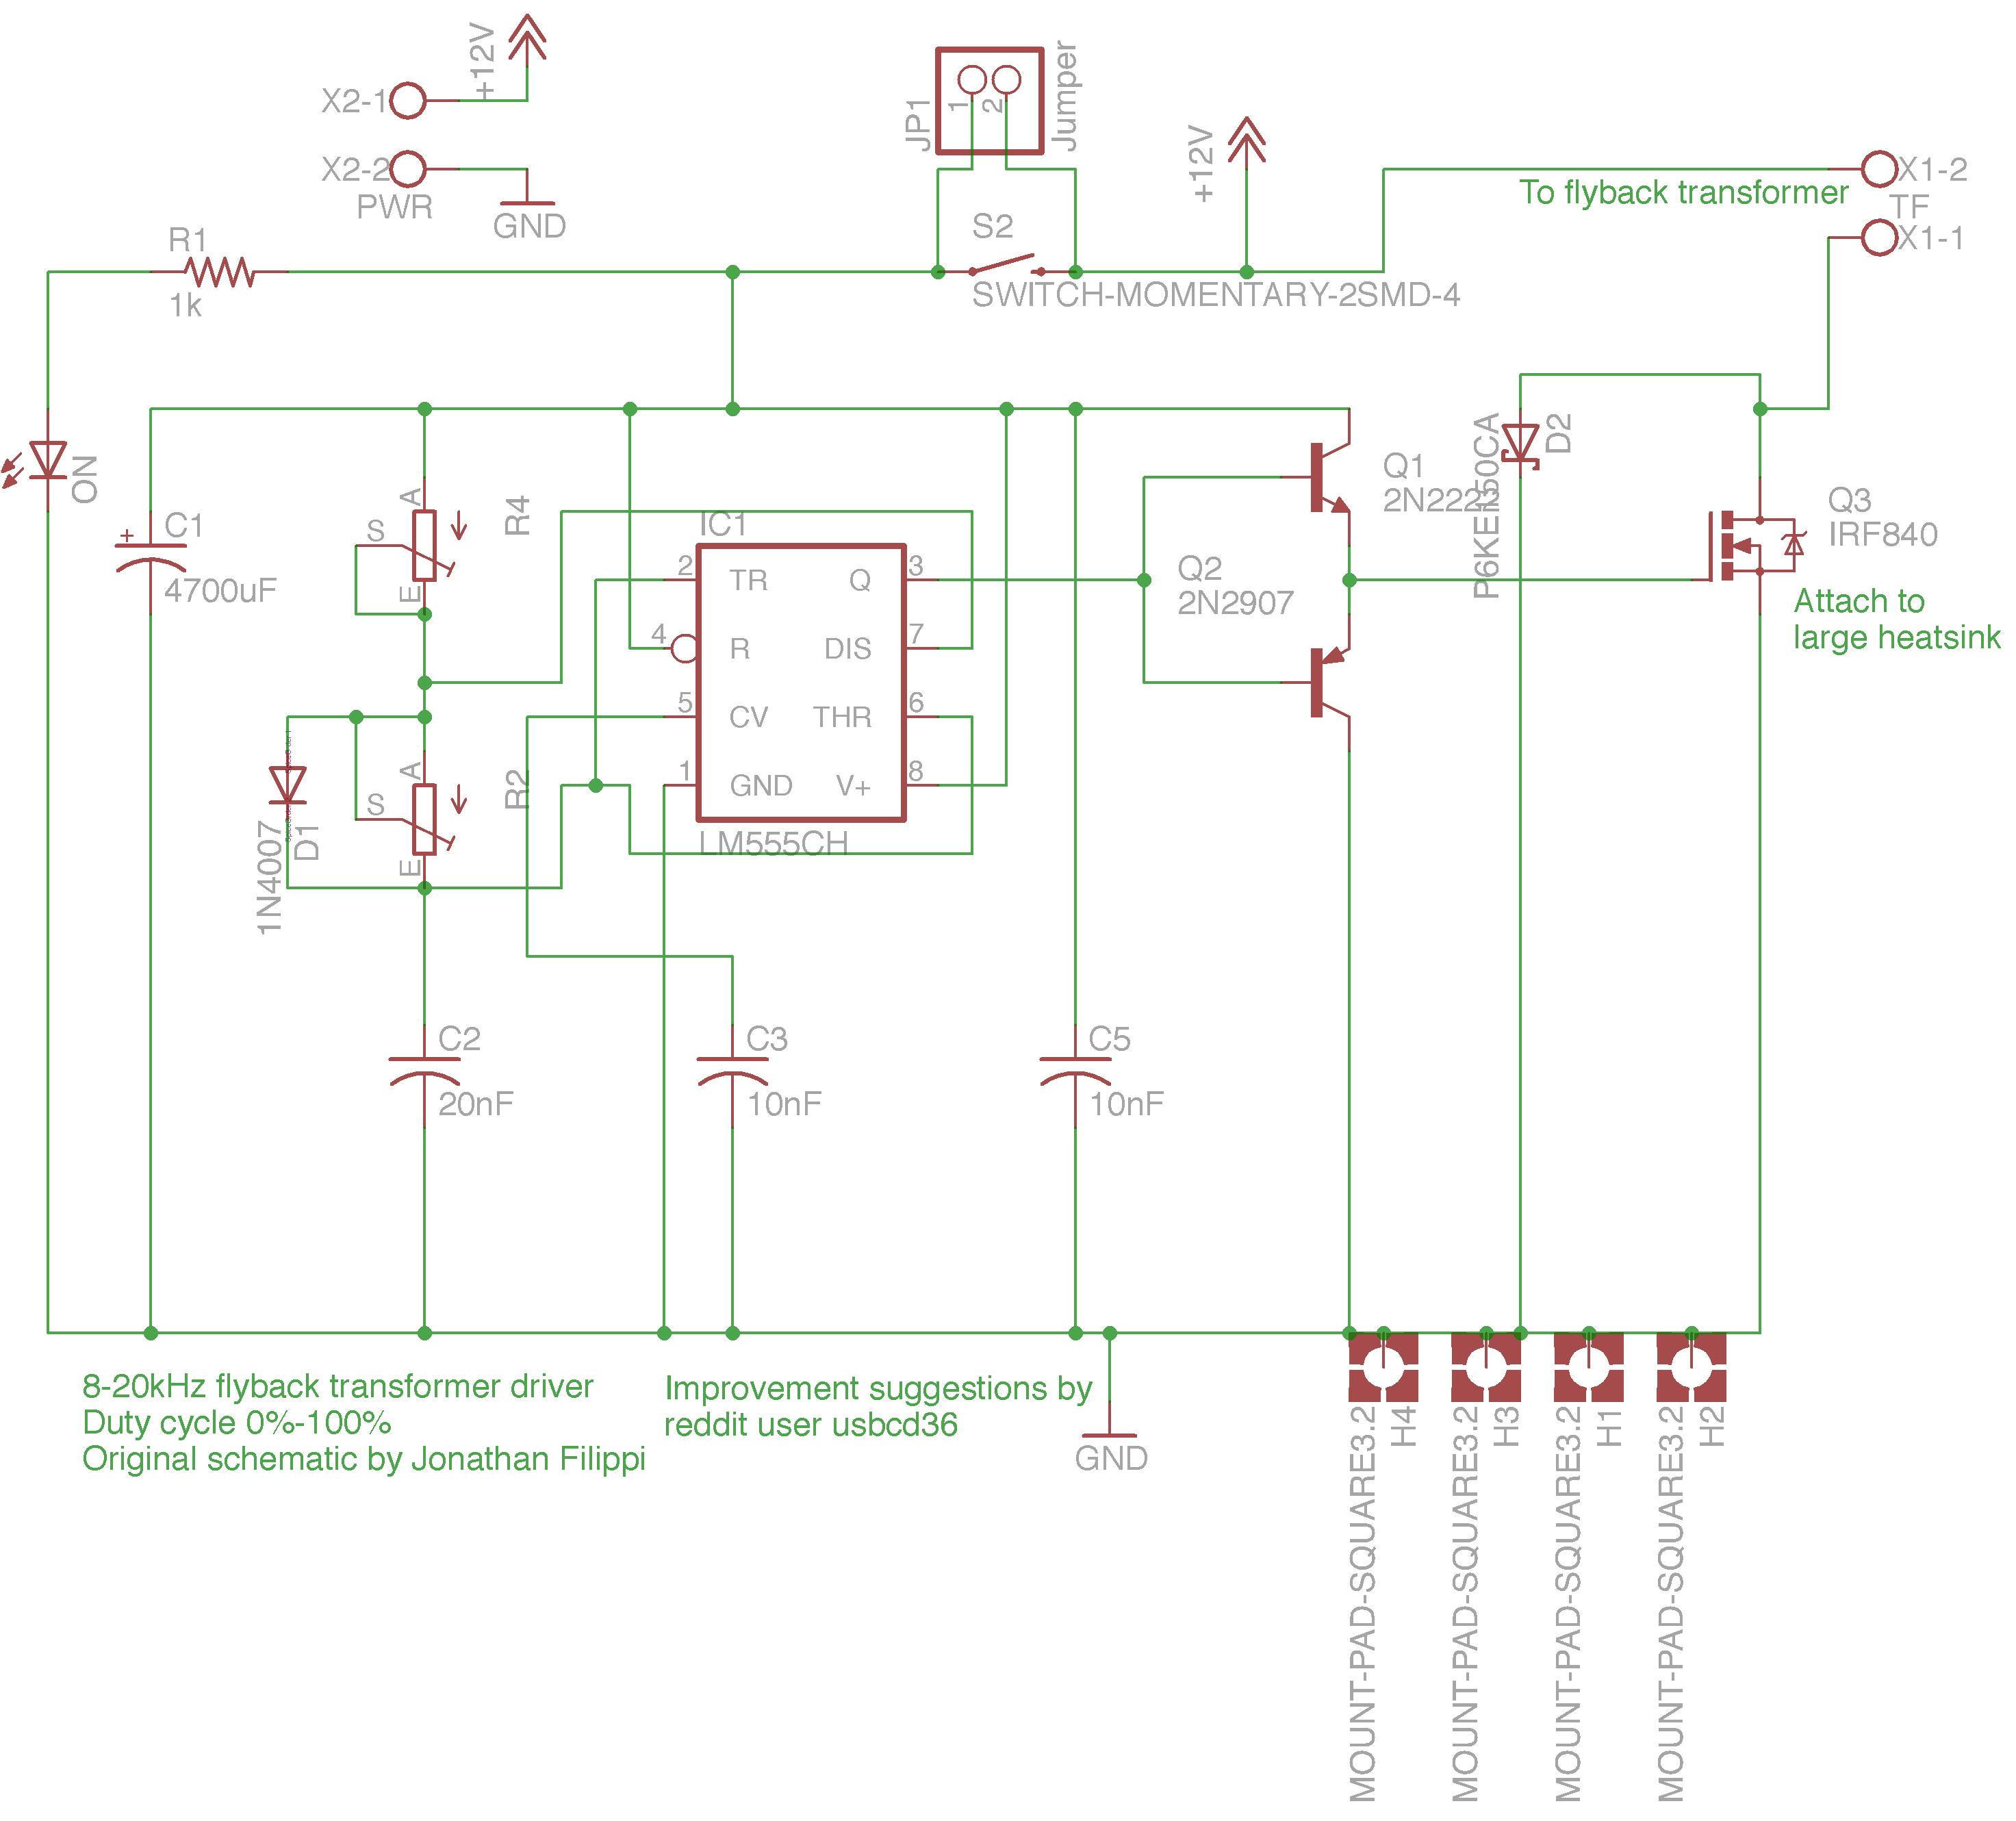 Großzügig Schaltplan Des Transformators 12v Bilder - Elektrische ...